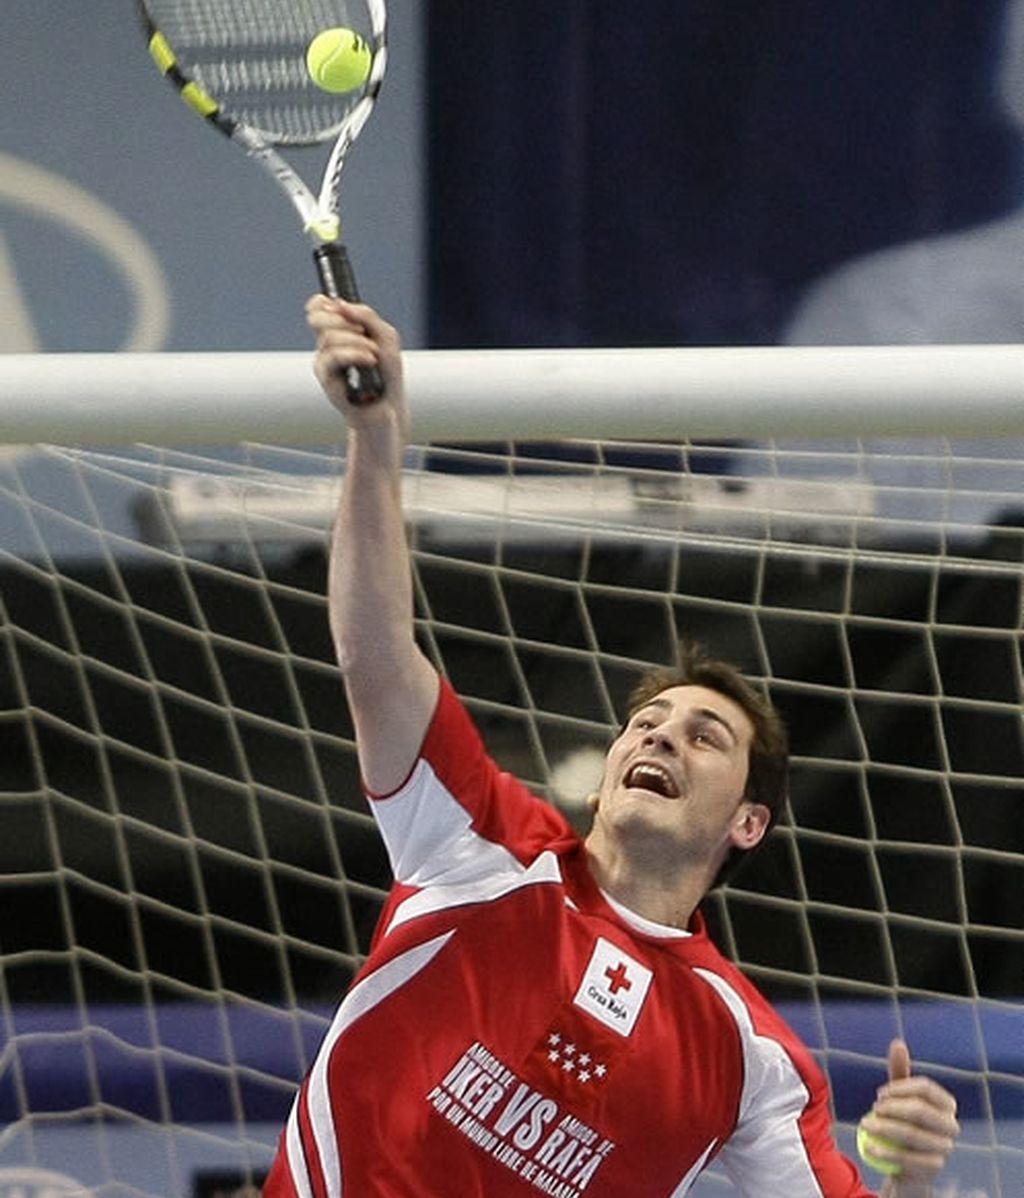 Iker Casillas jugando al tenis en el Partido contra la malaria